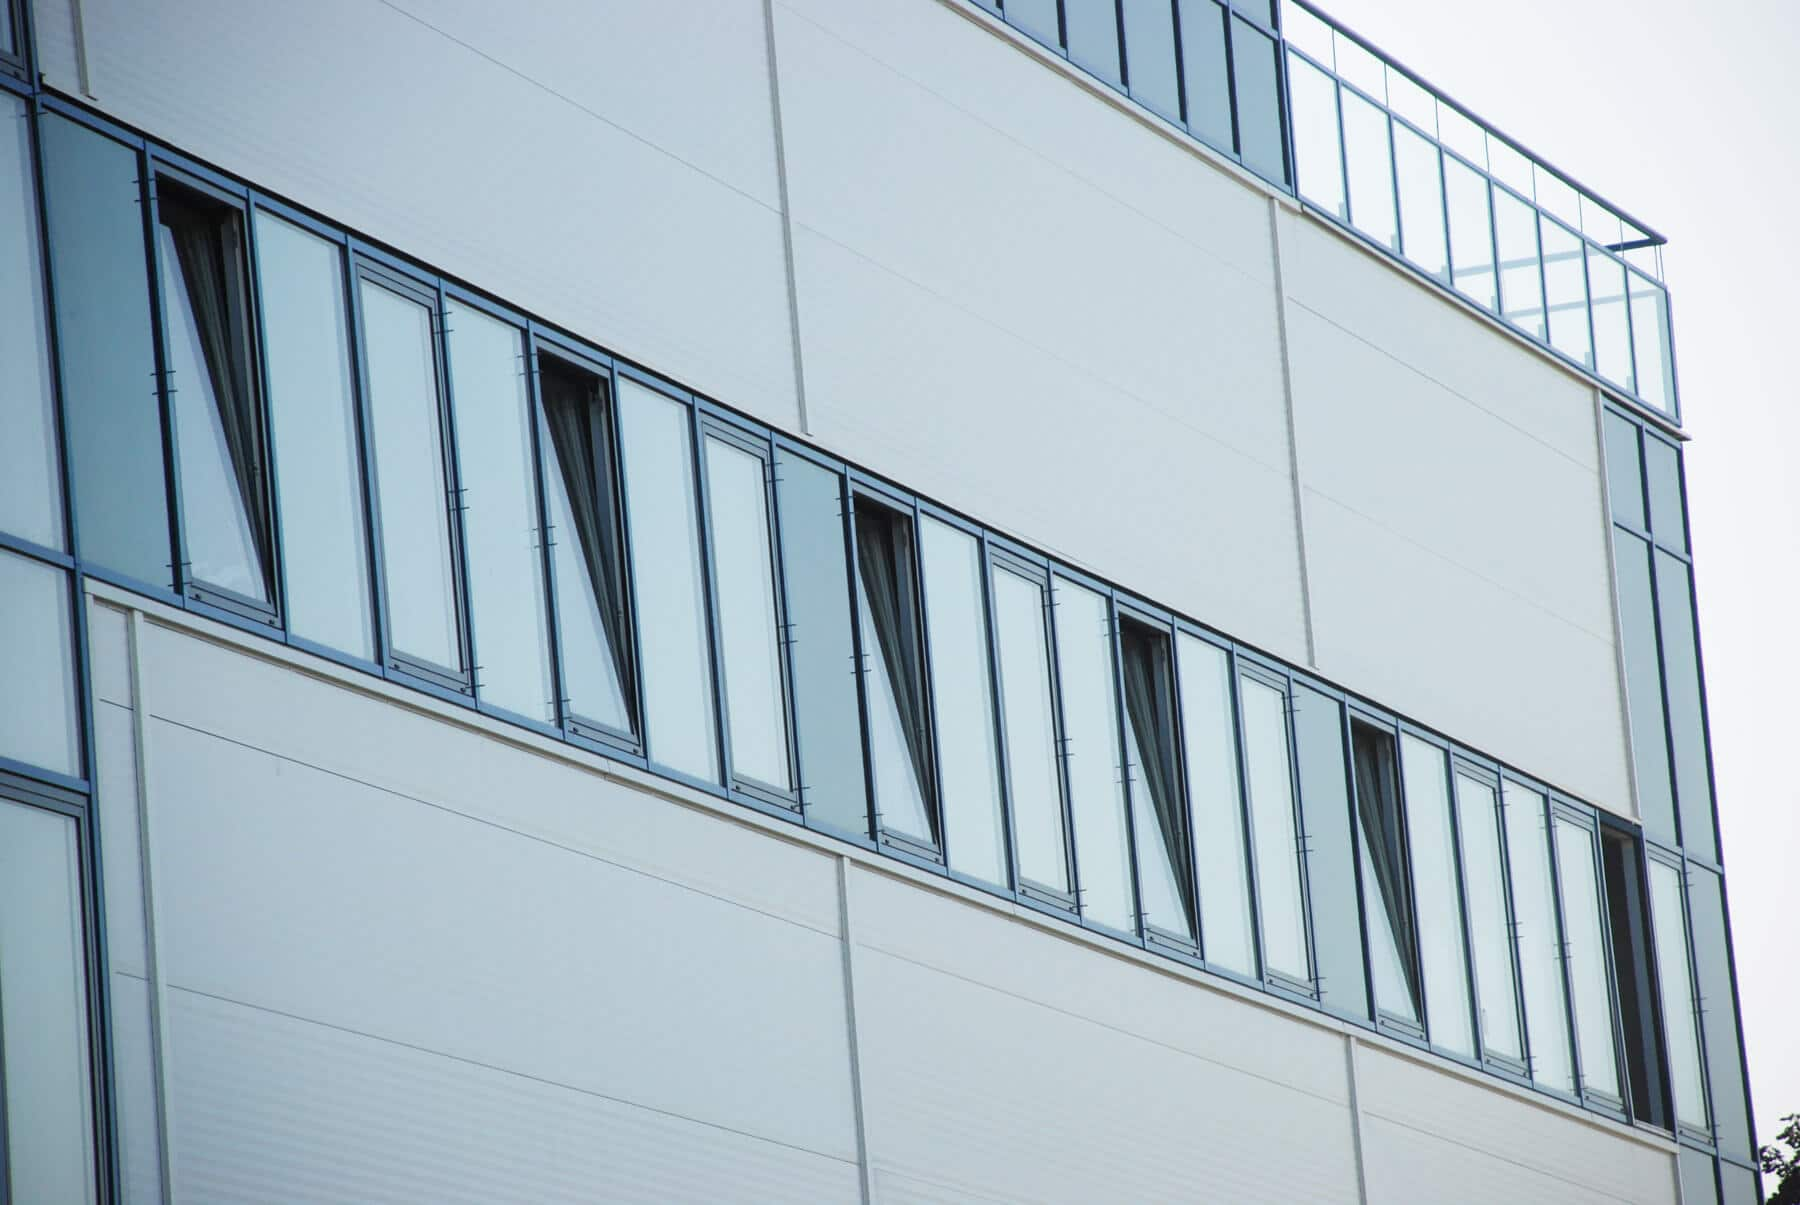 sommergarten mit glasschiebet ren wintergarten von schmidinger. Black Bedroom Furniture Sets. Home Design Ideas